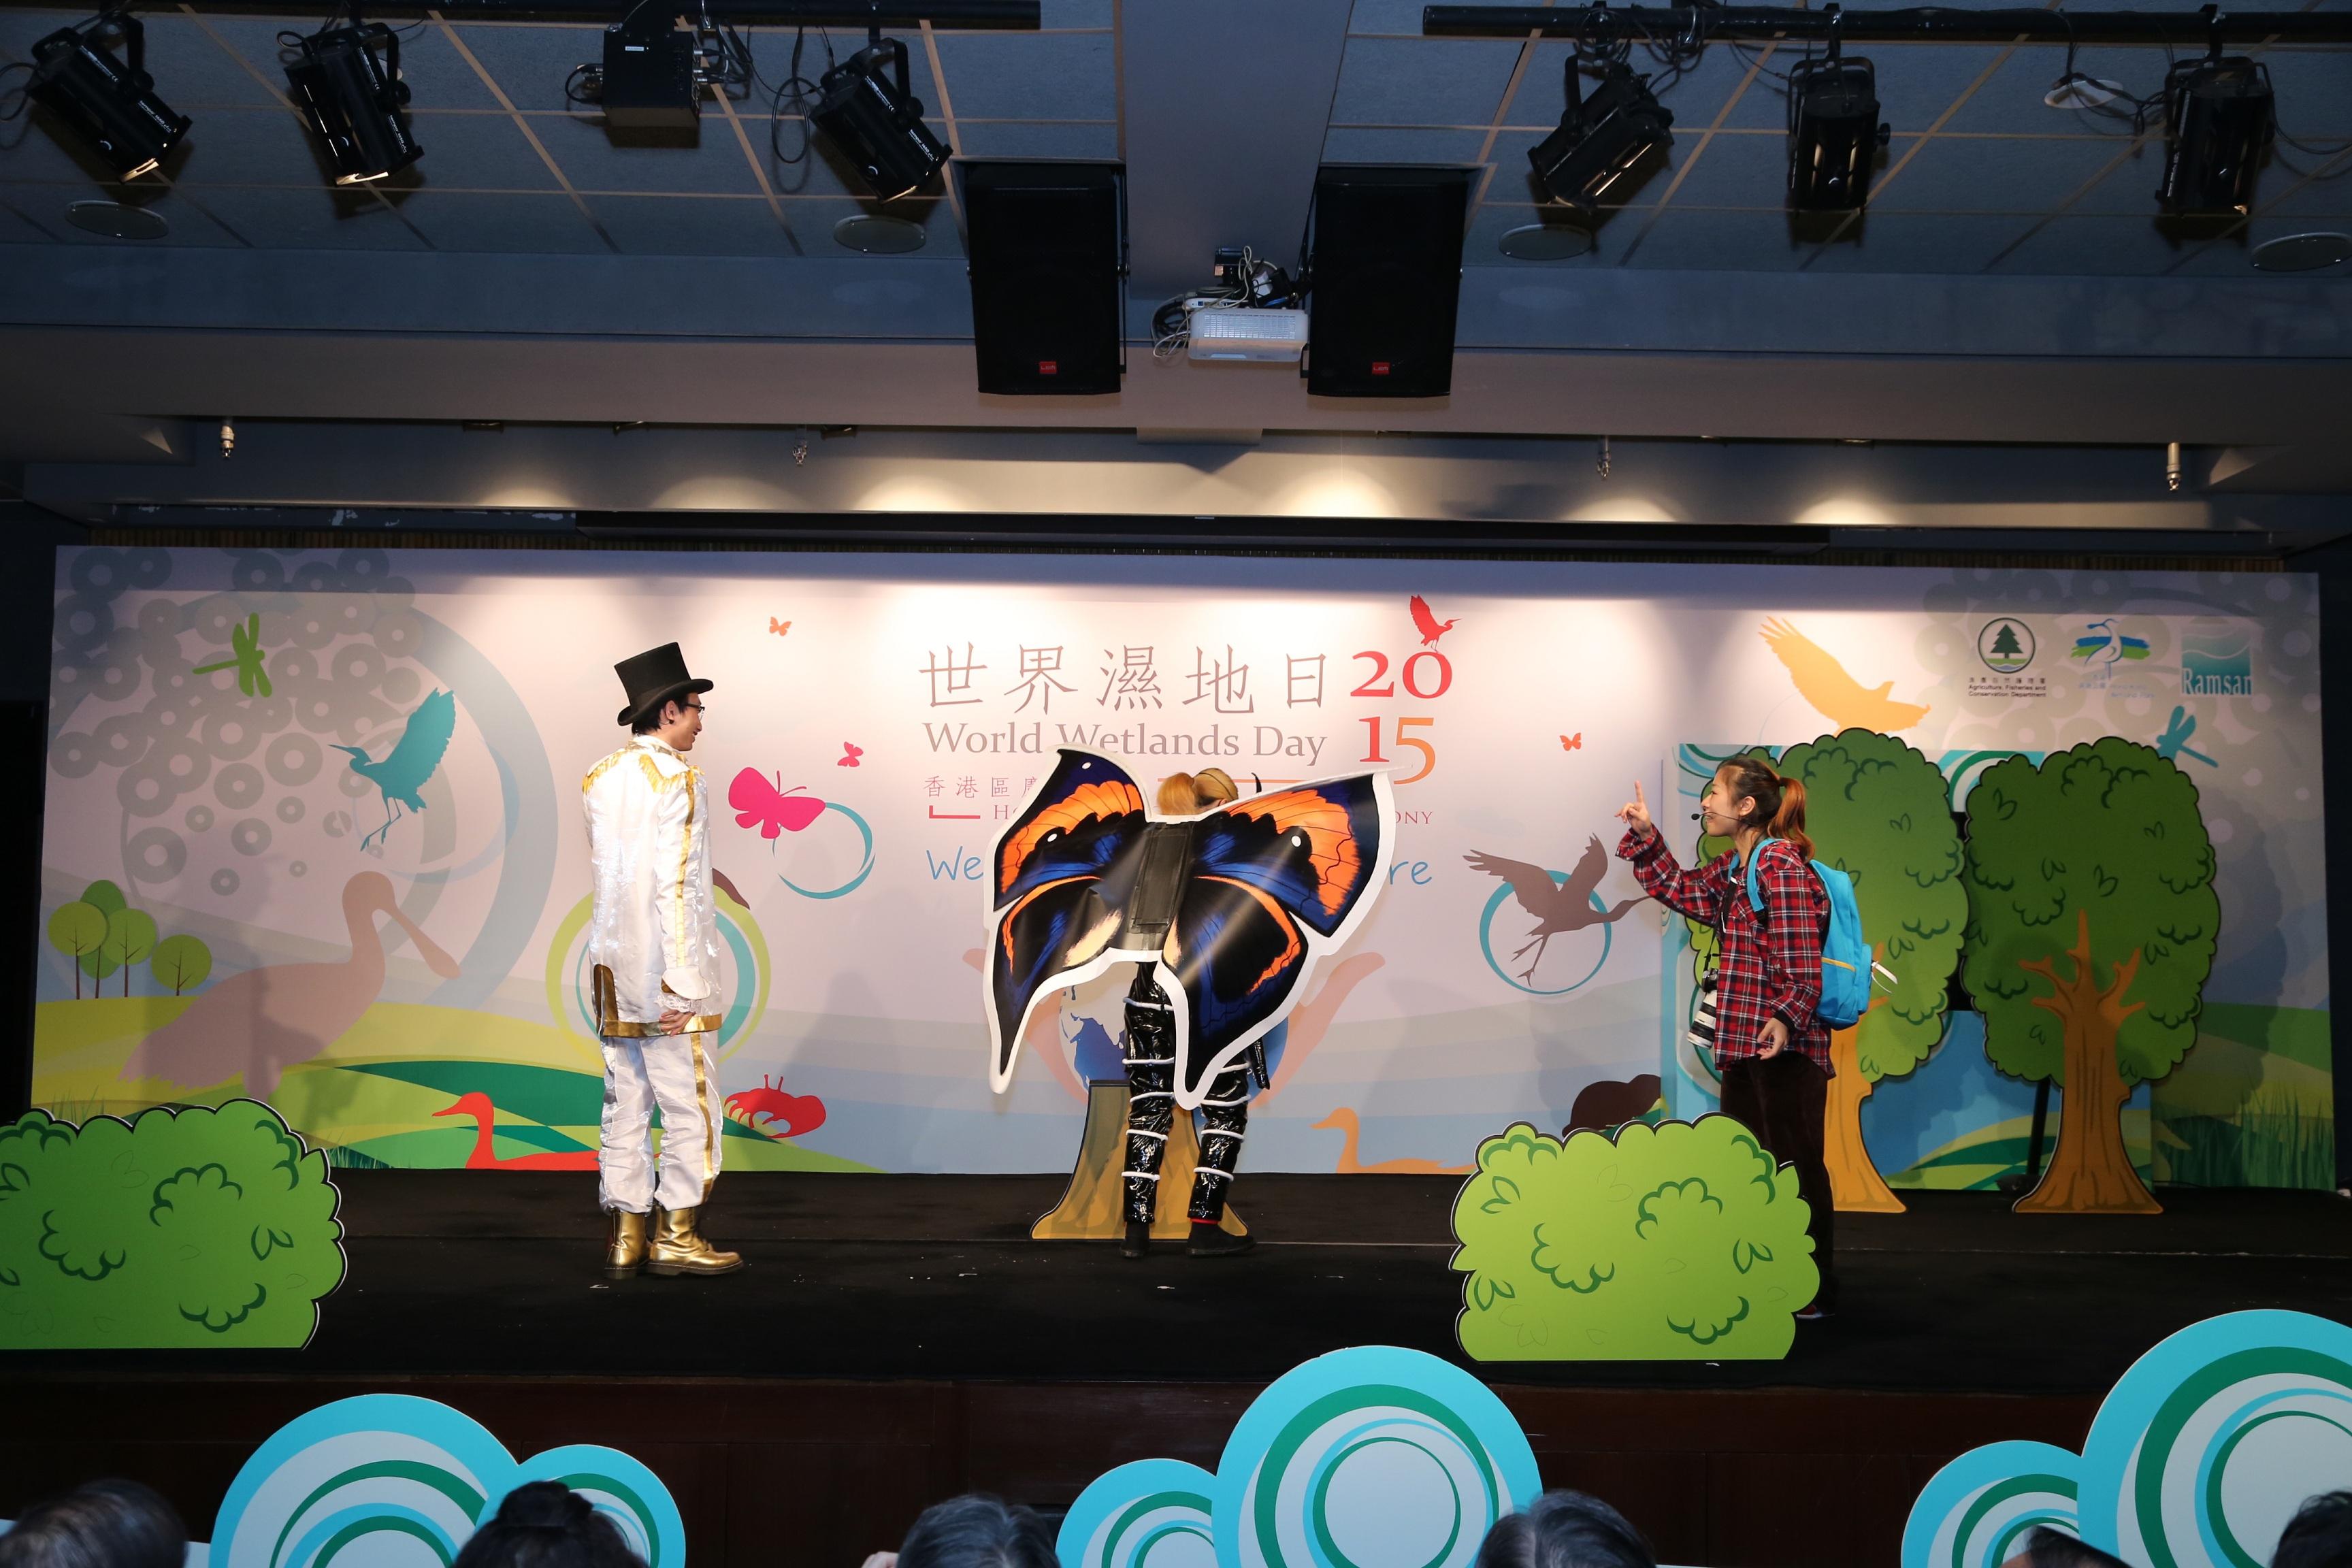 香港湿地公园庆祝2015世界湿地日